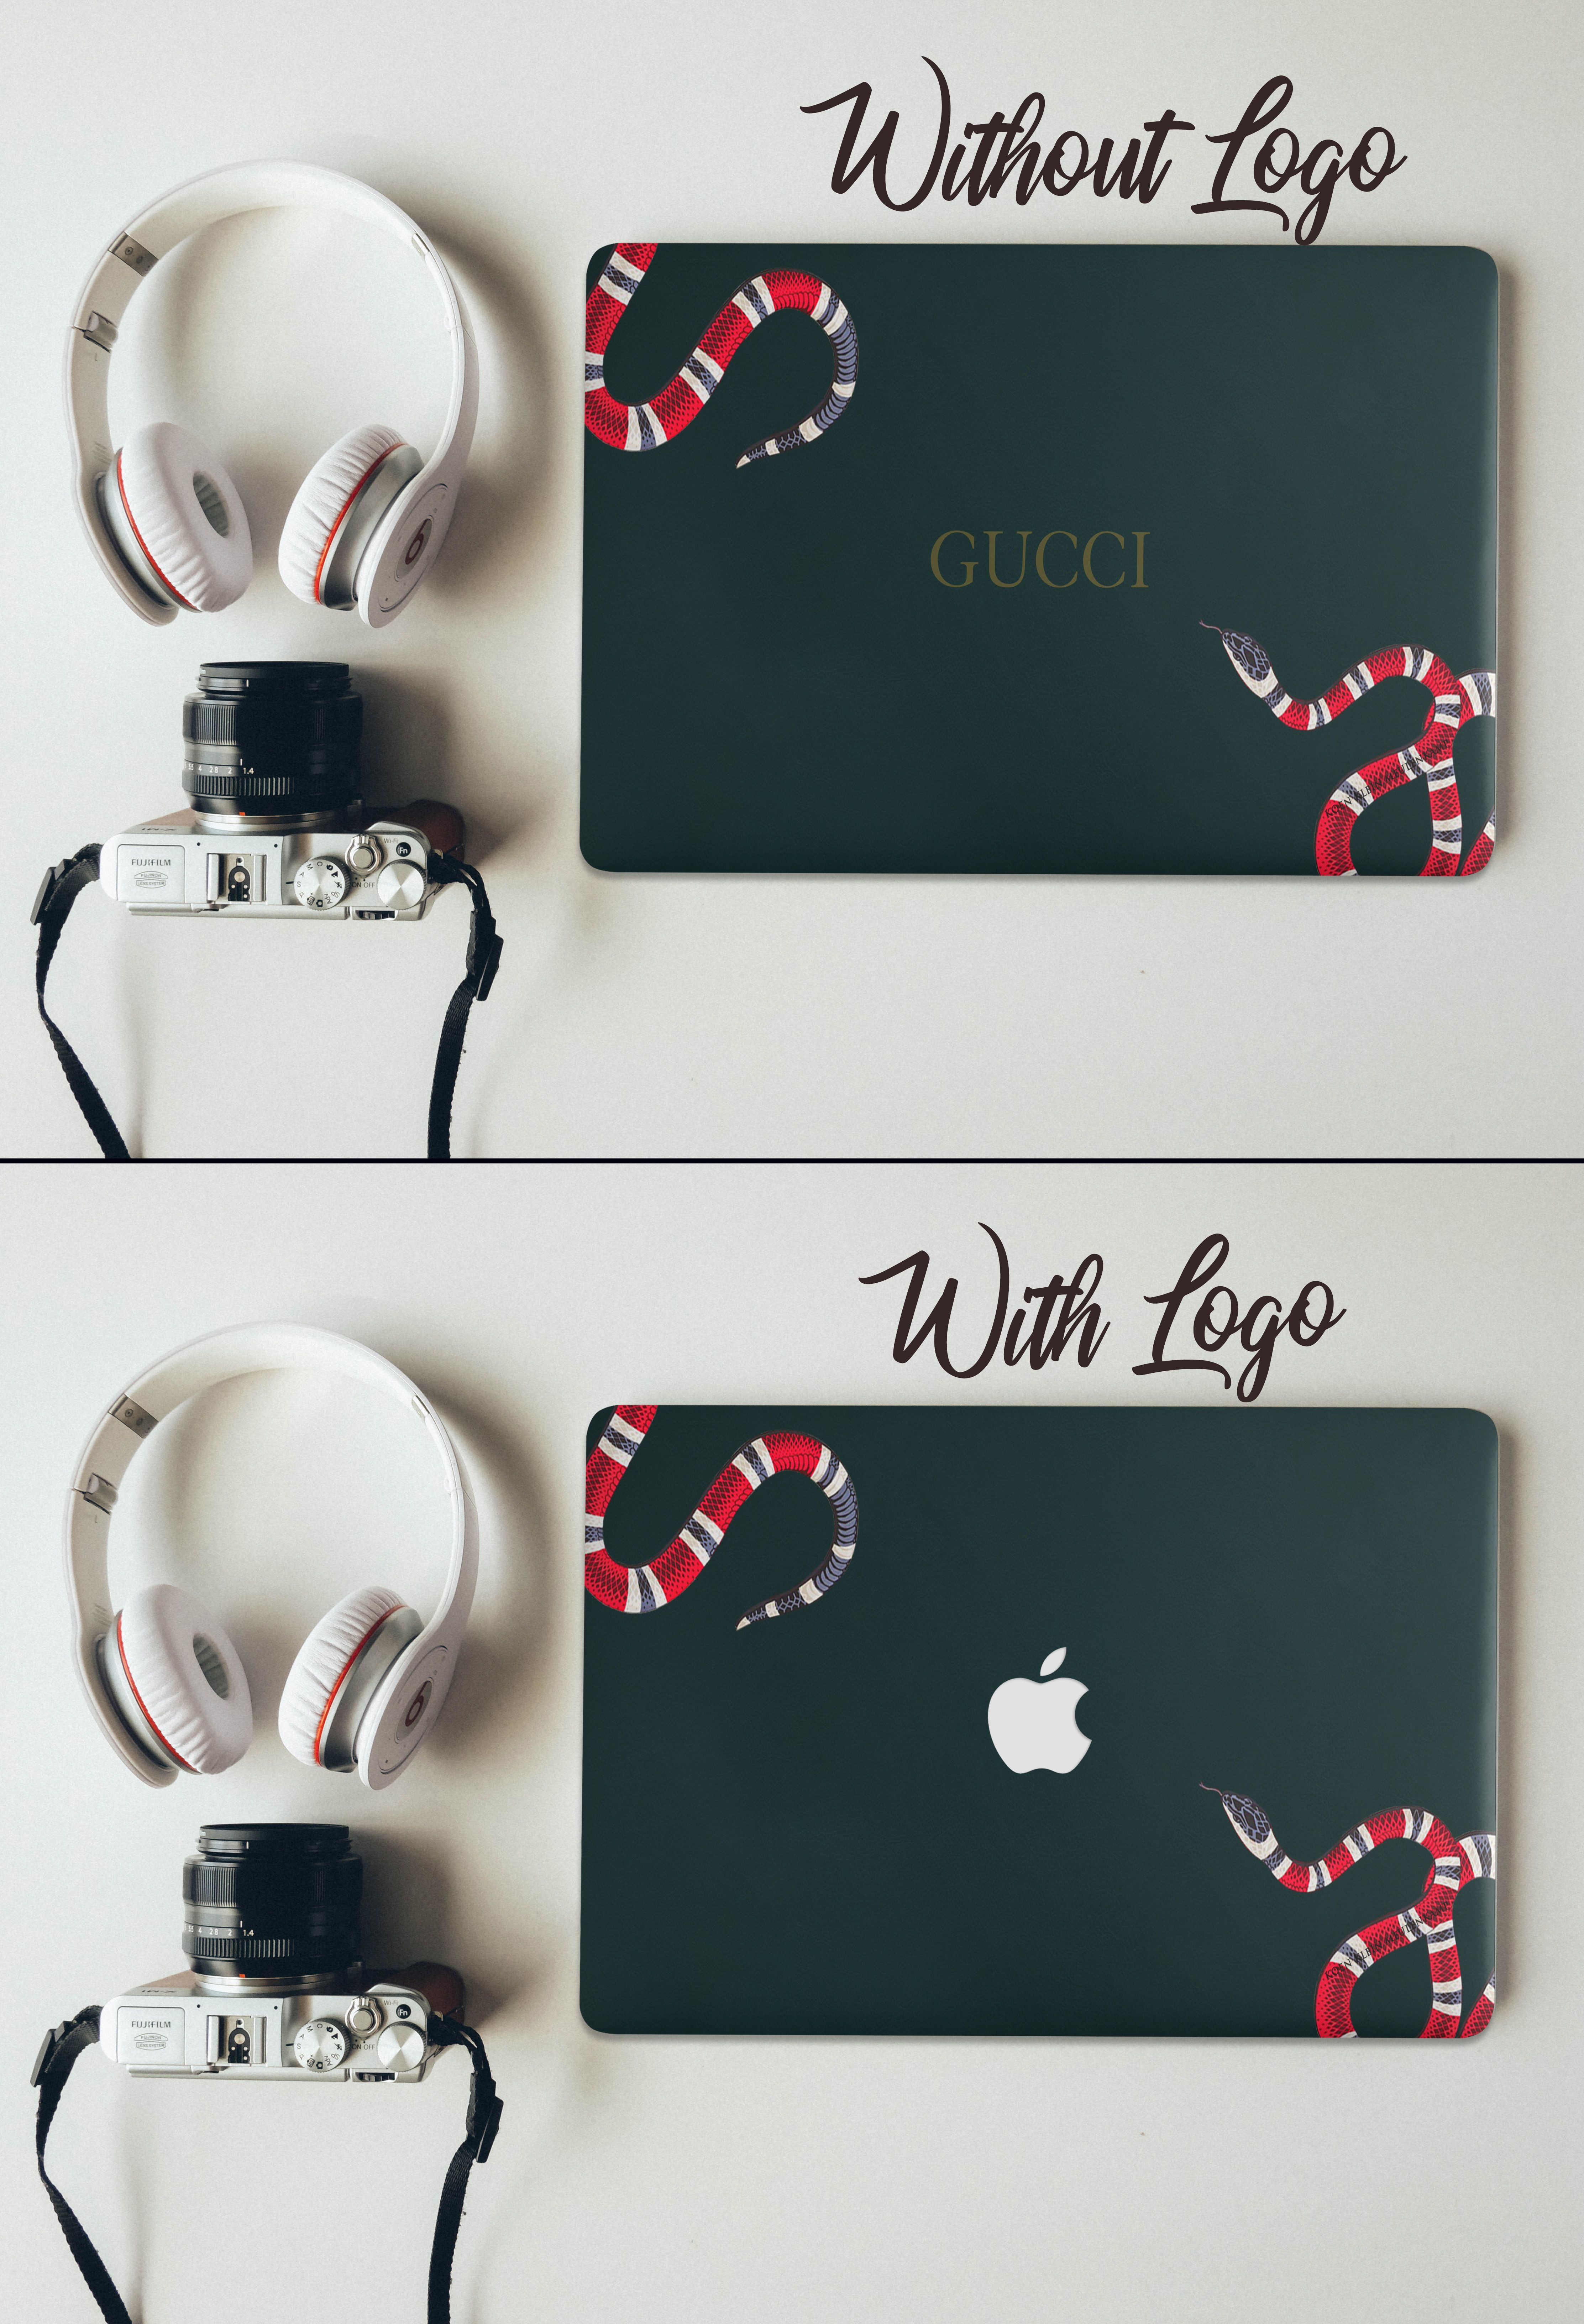 bb15c6ba29b Fresh Stylish Gucci Macbook Skin Gucci Macbook Decal Macbook Pro 15 inch  Decal Macbook Pro 13